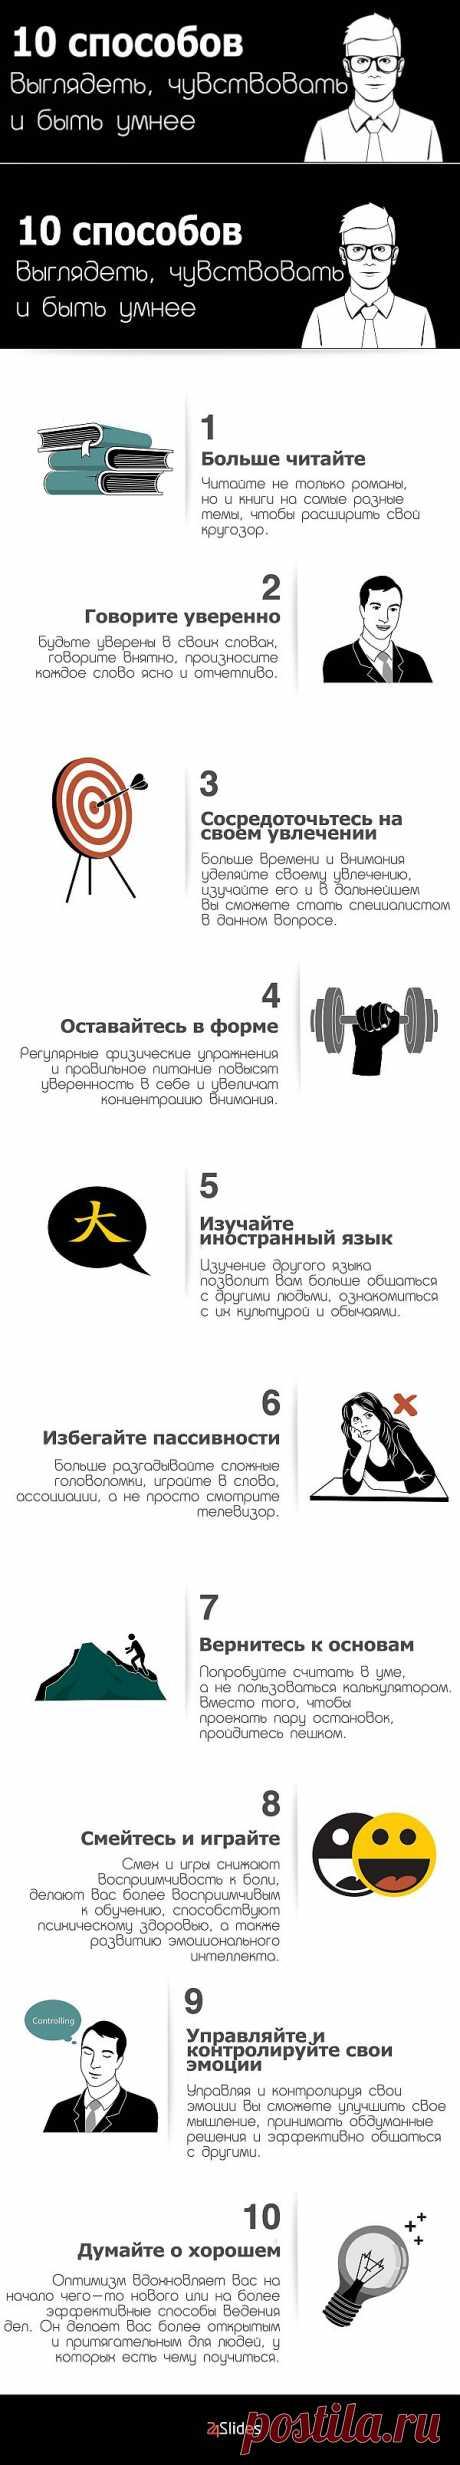 ИНФОГРАФИКА: Как выглядеть, чувствовать и быть умнее | Лайфхакер